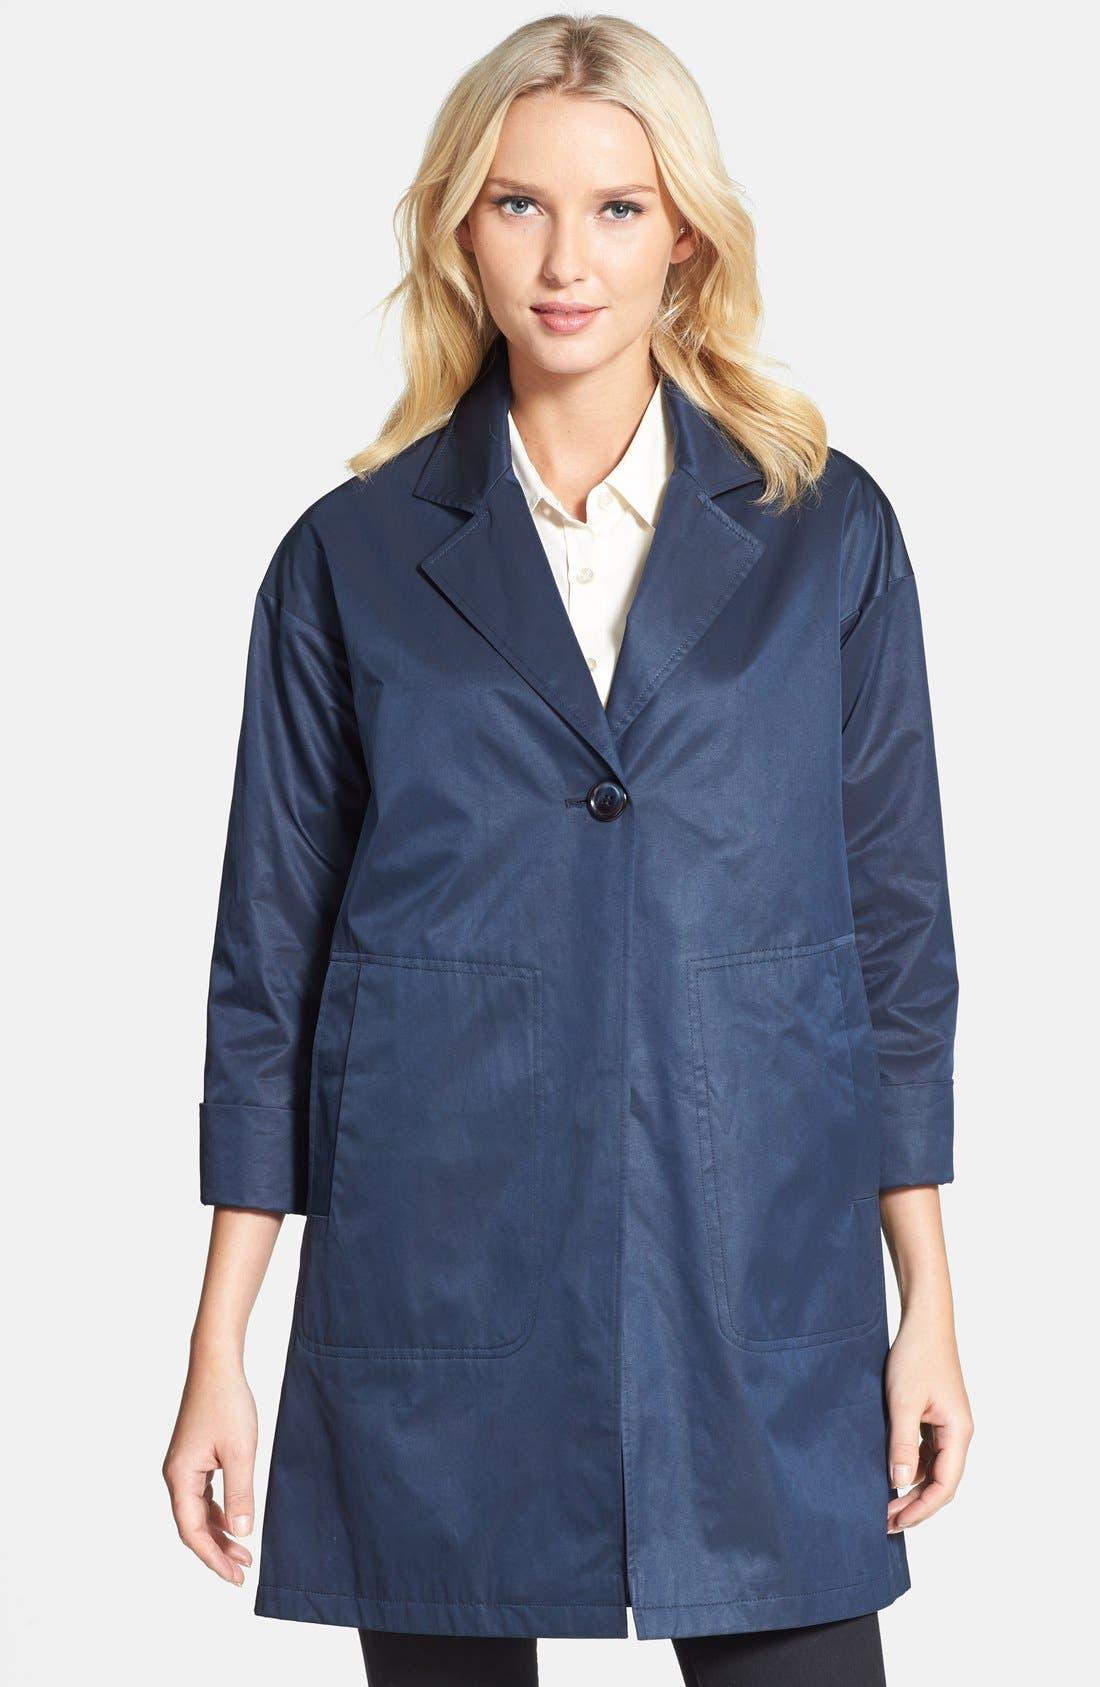 Alternate Image 1 Selected - Helene Berman Bracelet Sleeve One-Button Coat